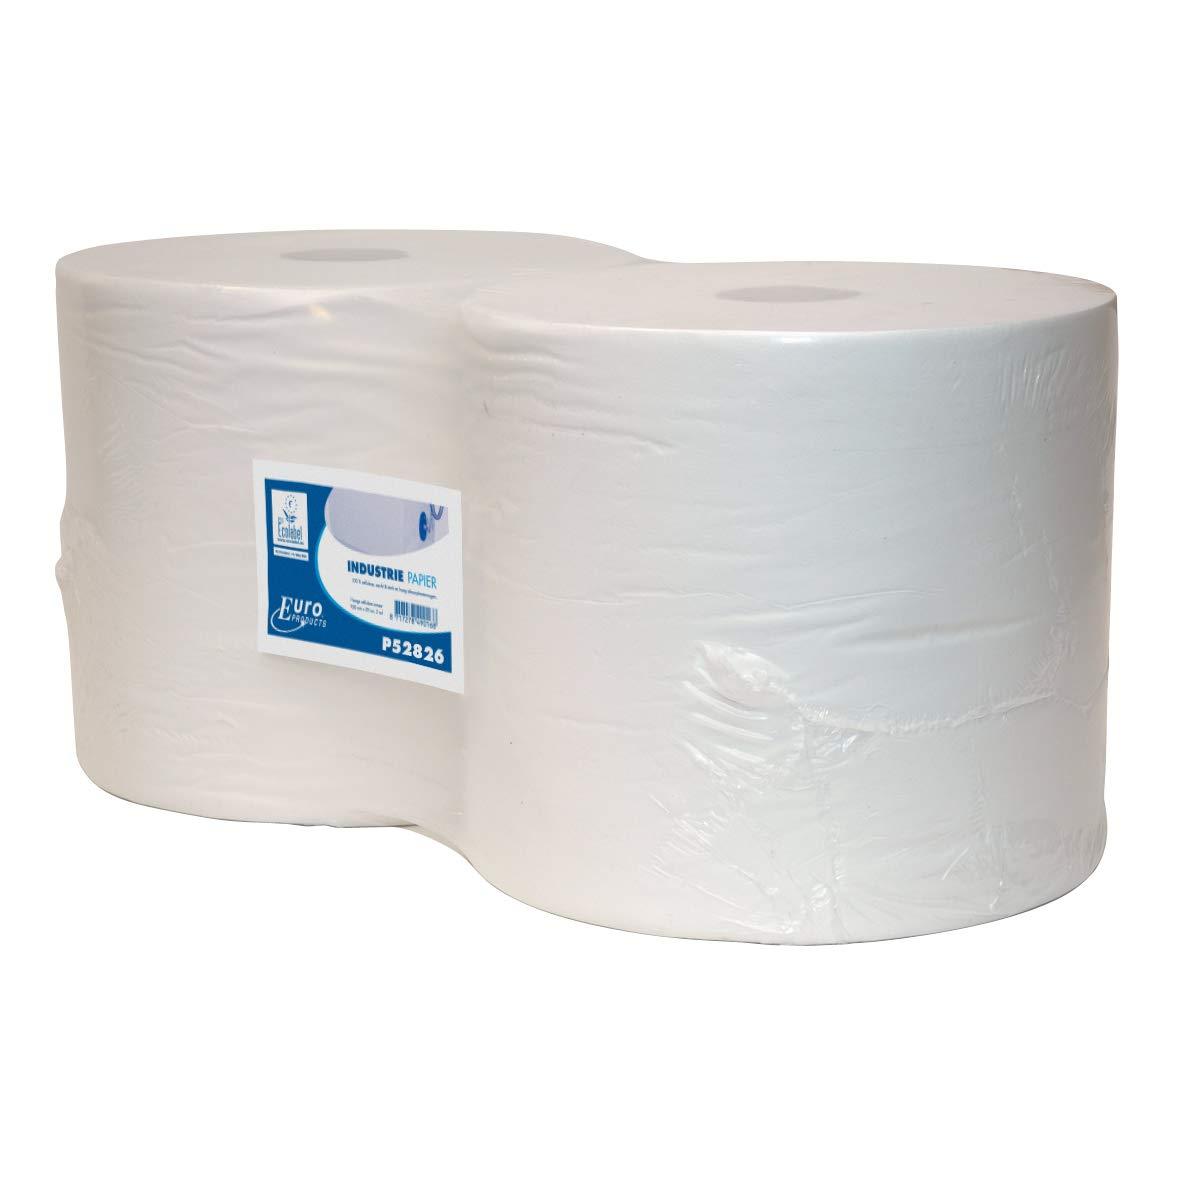 MTS P54010 - Rollo color de papel suave, 1 capa, color Rollo blanco 4dafb0